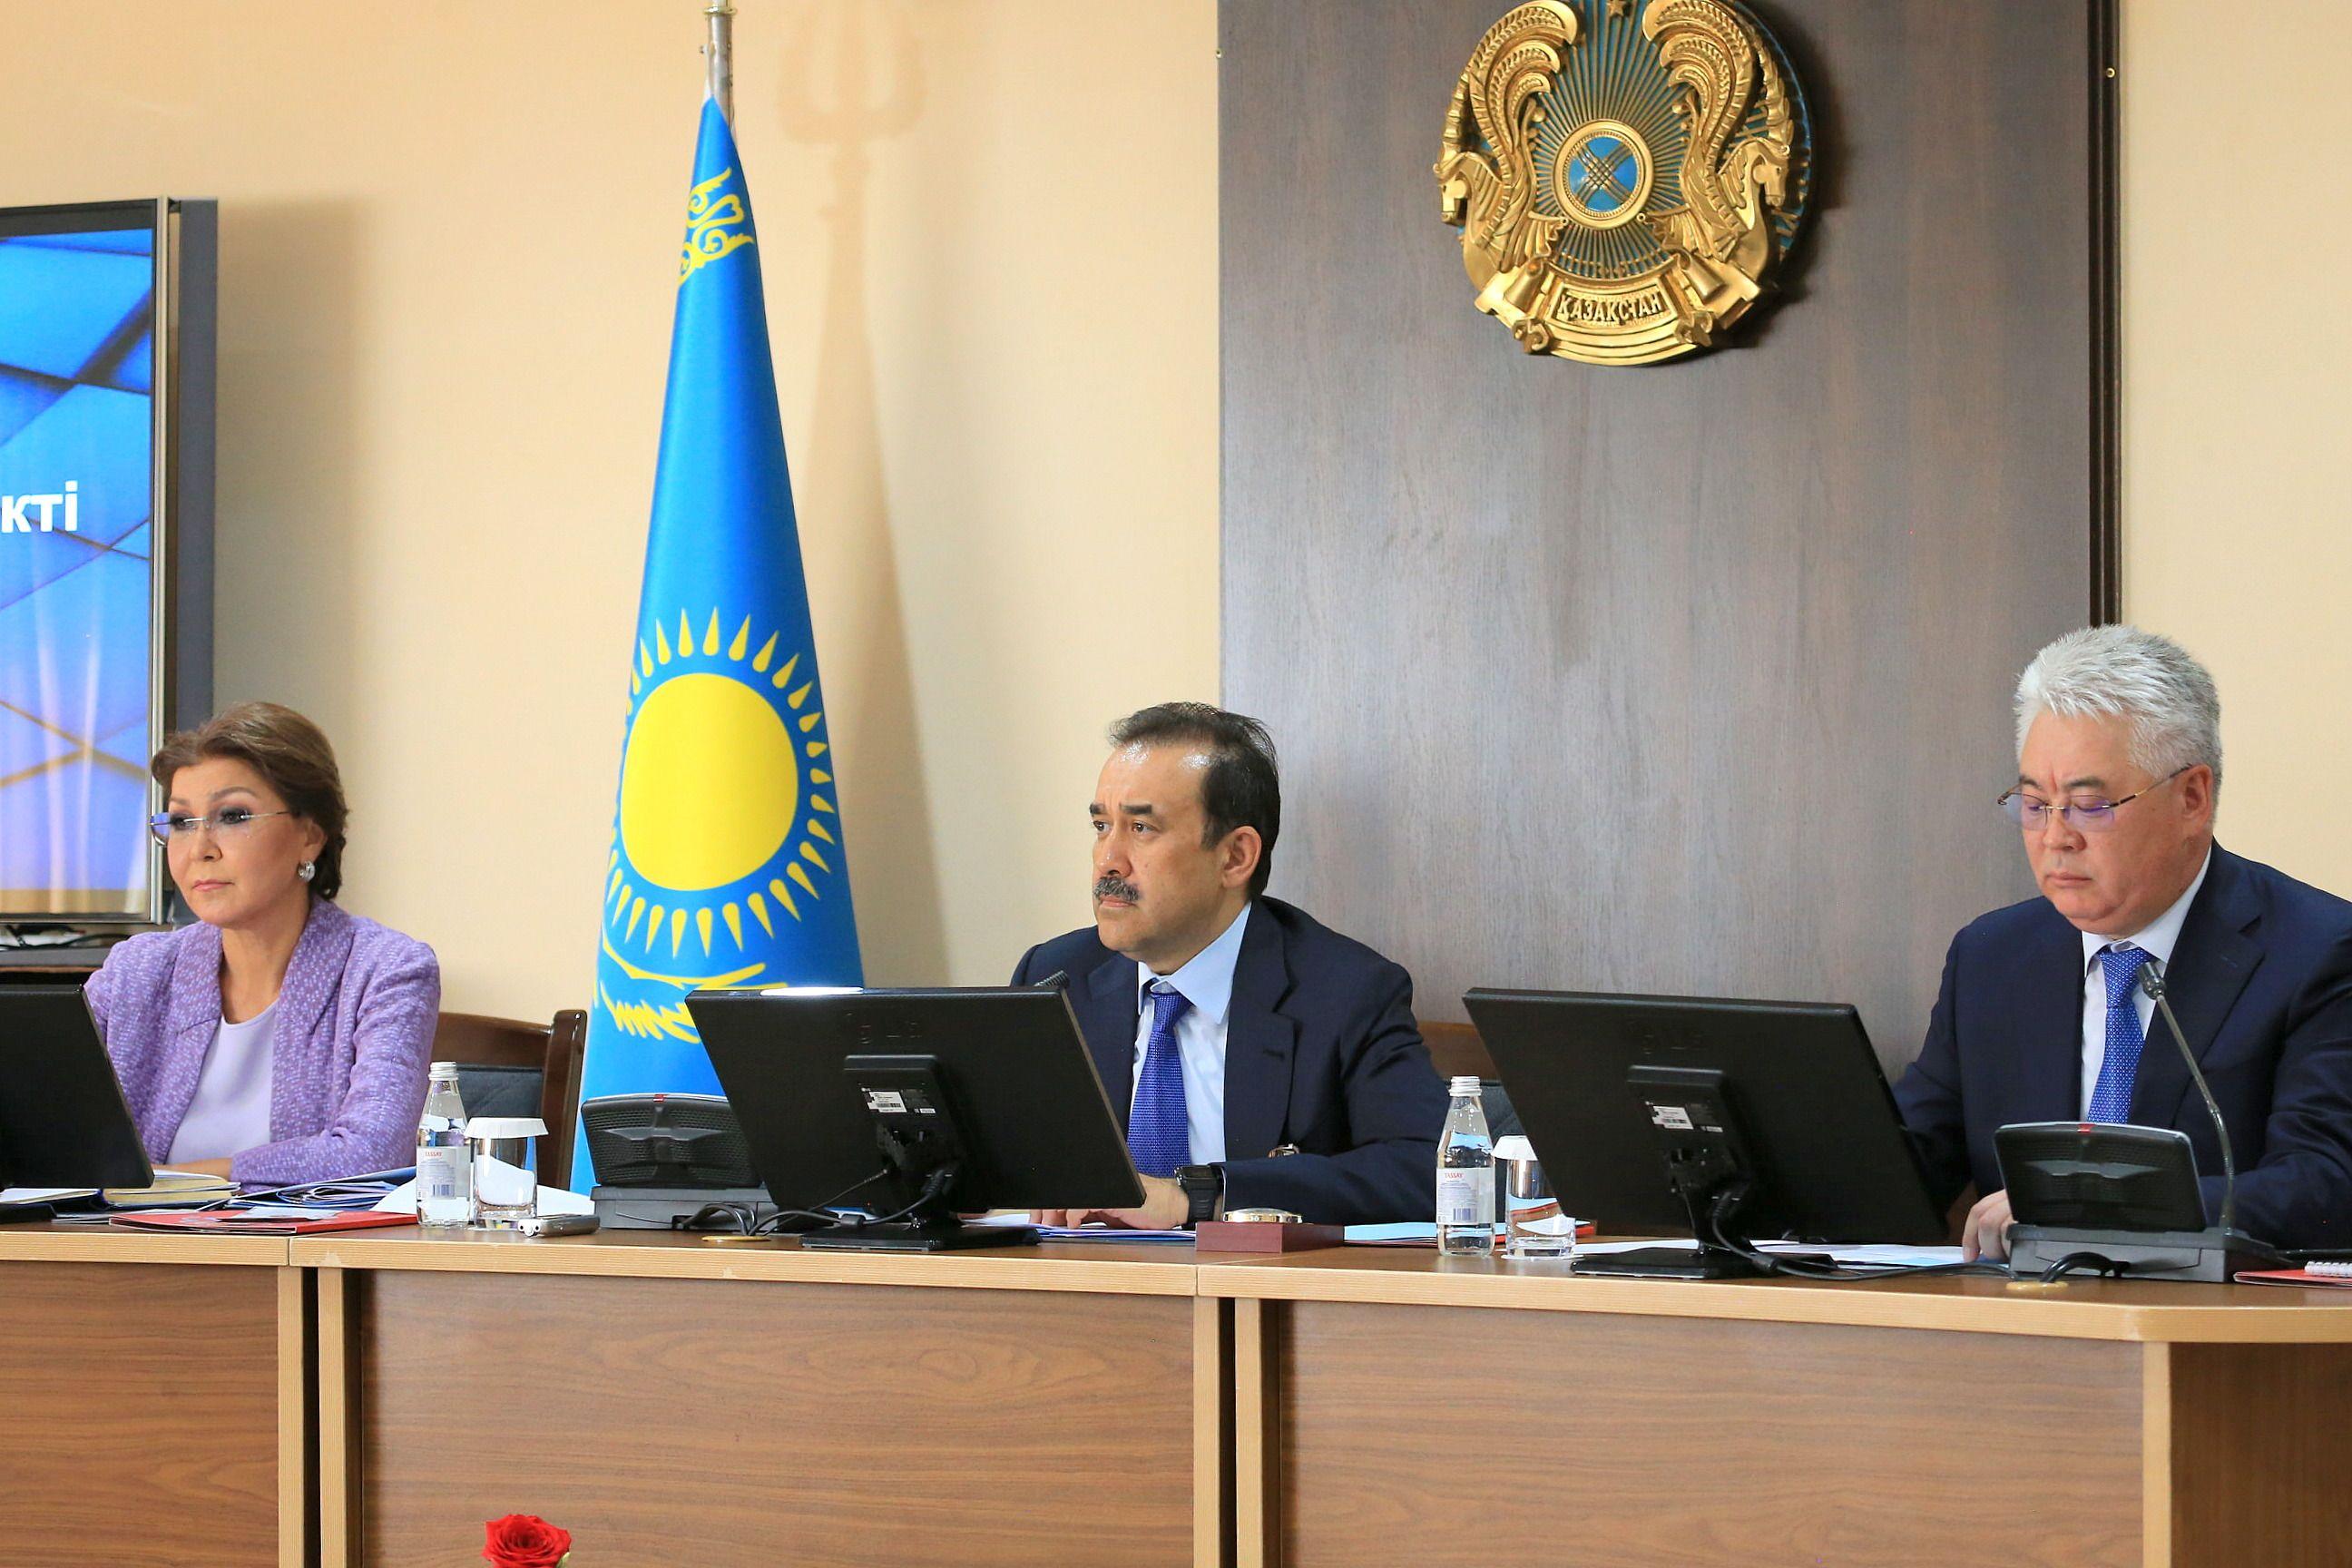 Премьер-министр провел кустовое совещание, посвященное проблемам и перспективам казахстанского образования.